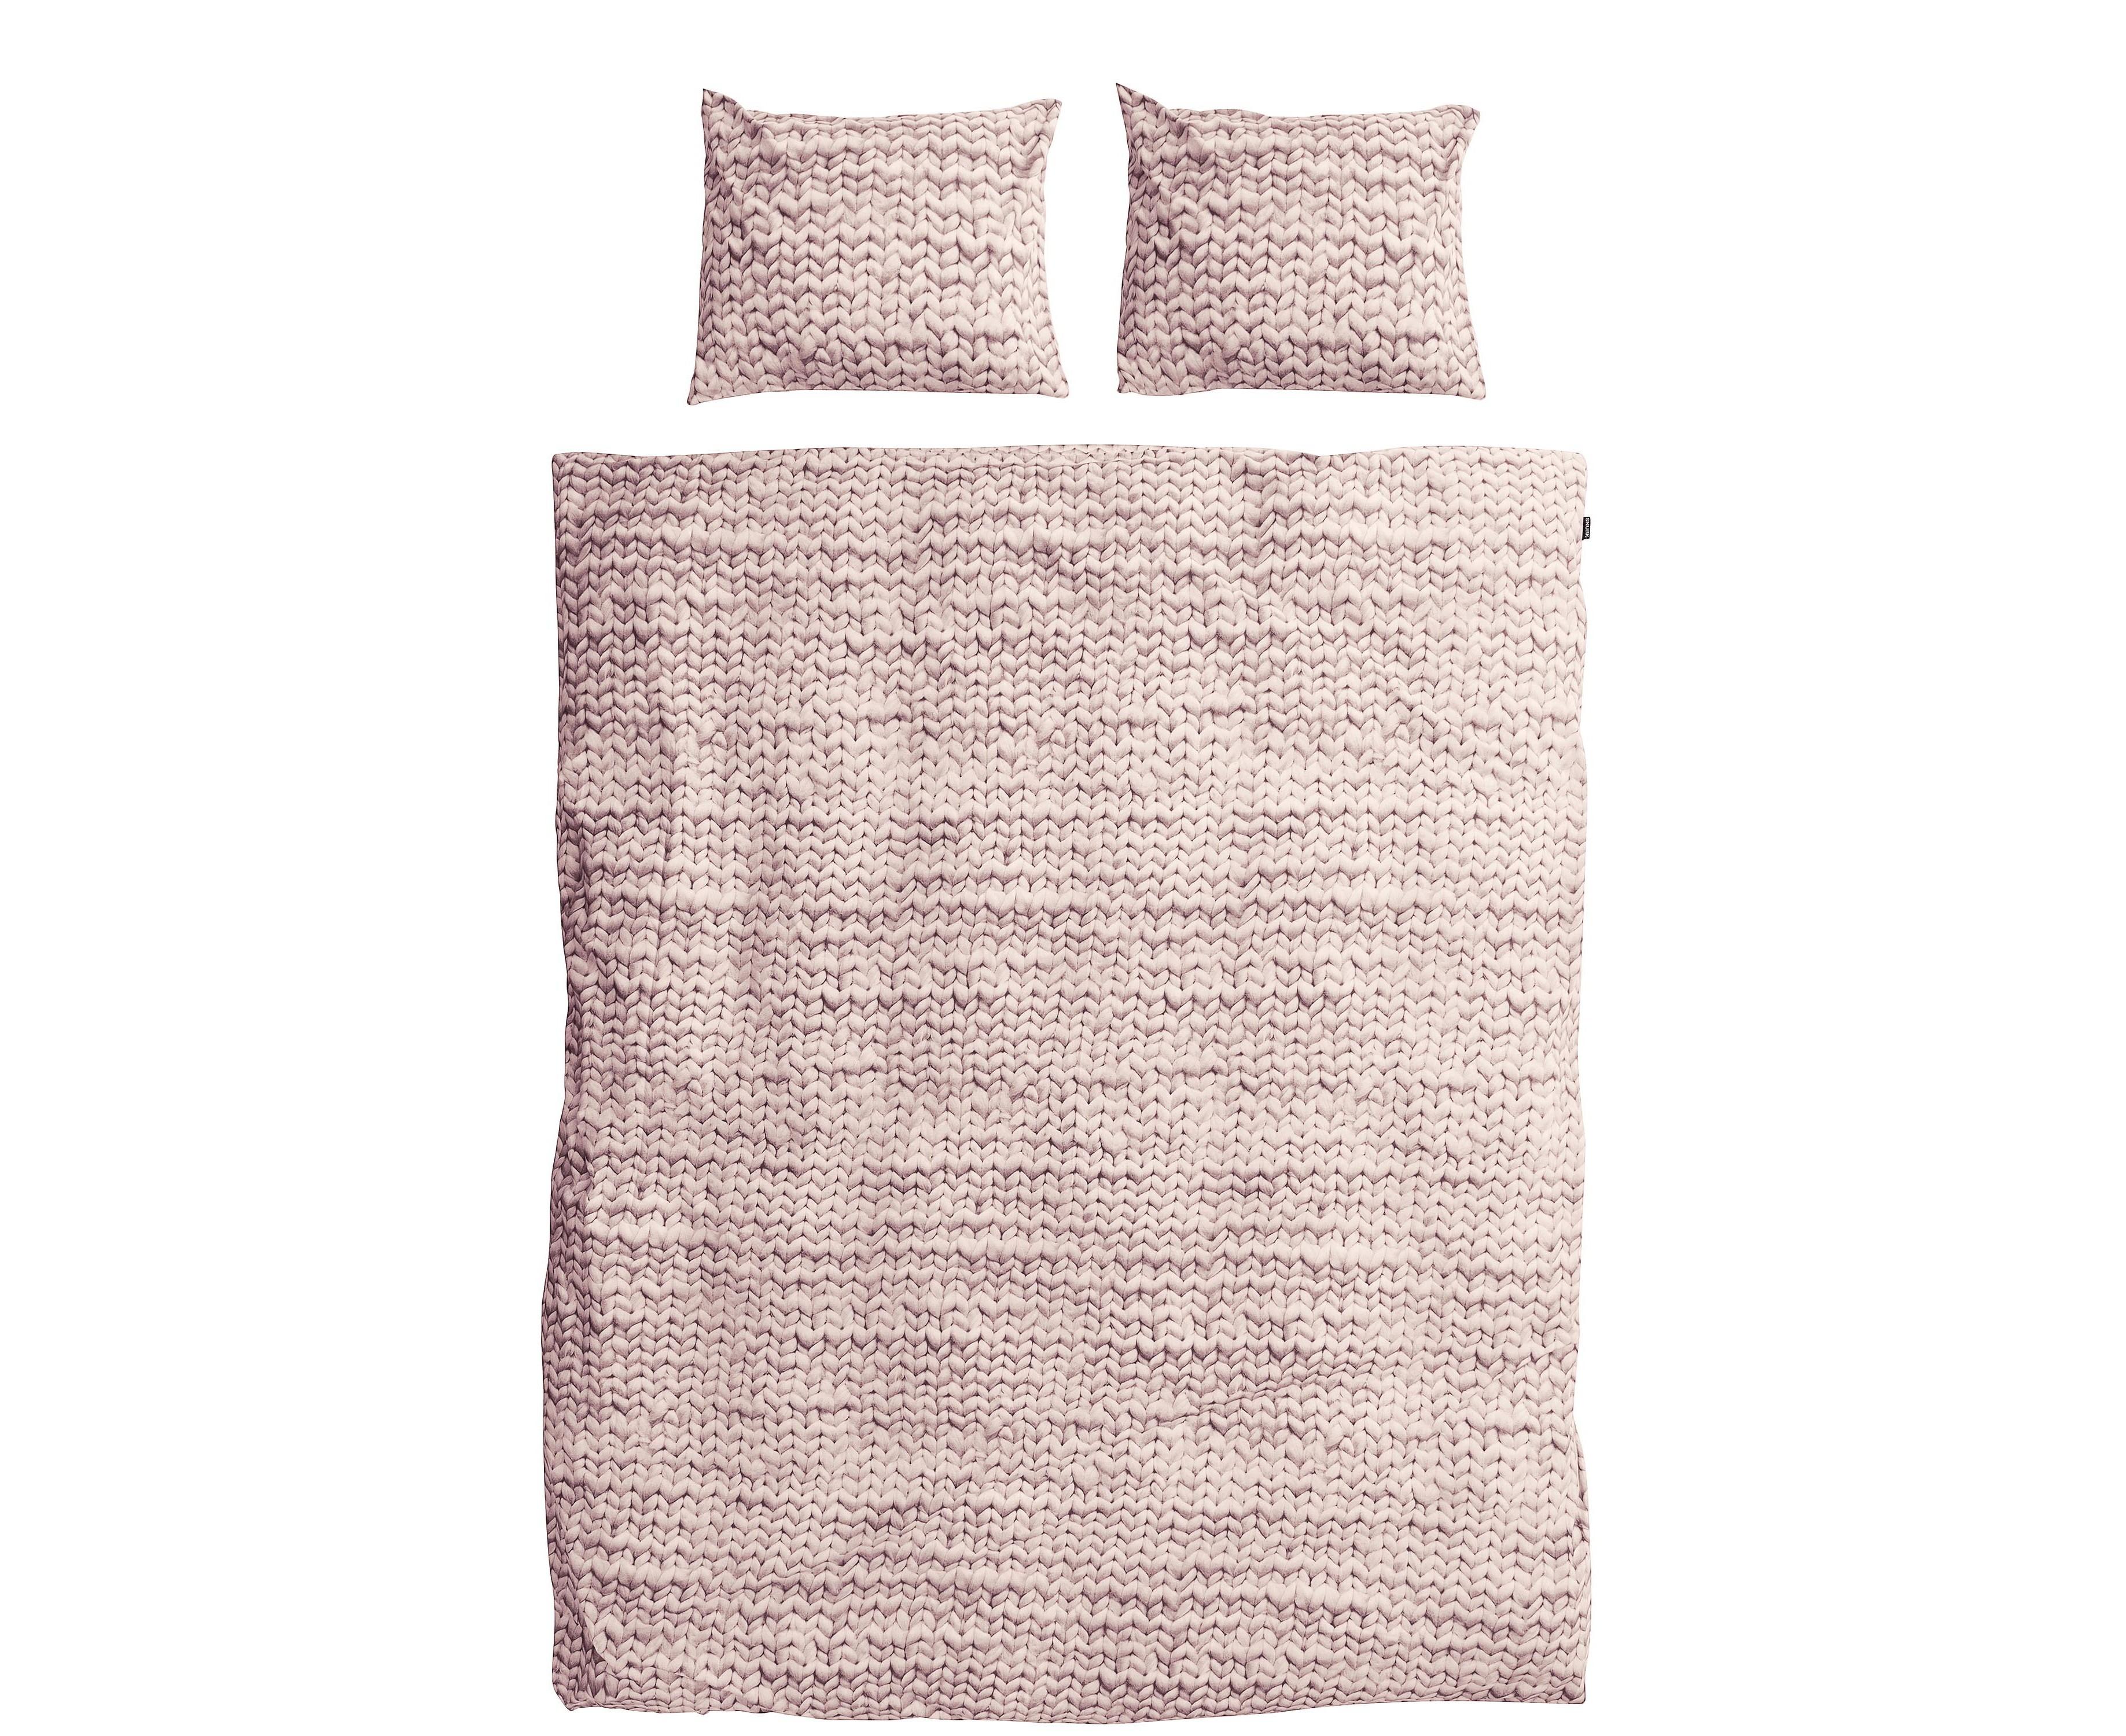 Комплект постельного белья Косичка розовый ФЛАНЕЛЬДвуспальные комплекты постельного белья<br>Этот мягкий узор связан очень большими спицами, а клубки шерсти были размером с баскетбольные мячи. Все для того, чтобы внести уют и тепло в вашу спальню в холодные зимние ночи.&amp;amp;nbsp;&amp;lt;div&amp;gt;&amp;lt;br&amp;gt;&amp;lt;/div&amp;gt;&amp;lt;div&amp;gt;Материал: ФЛАНЕЛЬ  .&amp;amp;nbsp;&amp;lt;div&amp;gt;&amp;lt;span style=&amp;quot;line-height: 1.78571;&amp;quot;&amp;gt;В комплект входит: пододеяльник 200х220см - 1 шт, наволочка 50х70см - 2 шт.&amp;lt;/span&amp;gt;&amp;lt;br&amp;gt;&amp;lt;/div&amp;gt;&amp;lt;/div&amp;gt;<br><br>Material: Текстиль<br>Ширина см: 200<br>Глубина см: 220